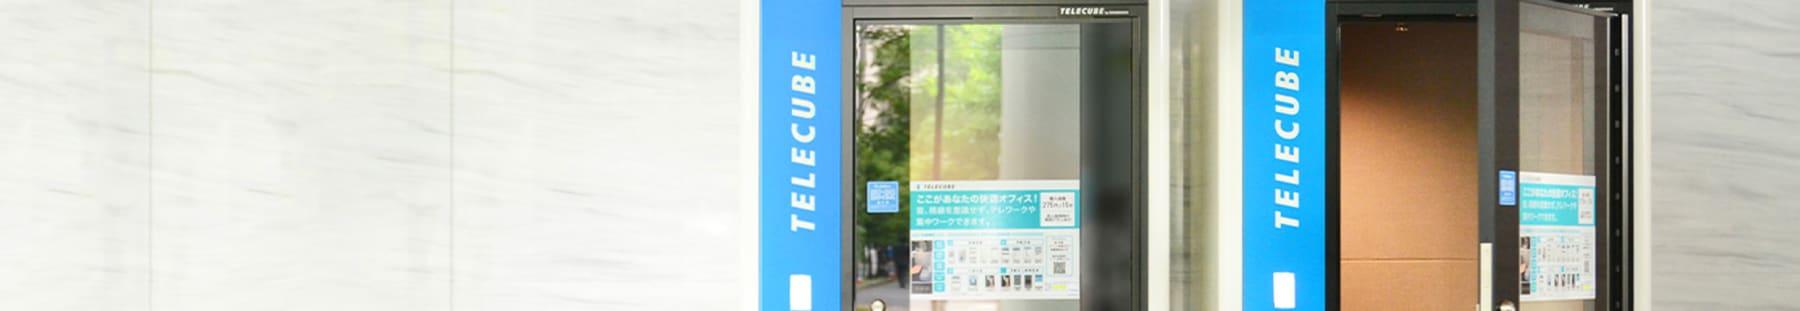 【尼崎駅】テレキューブを検索・予約